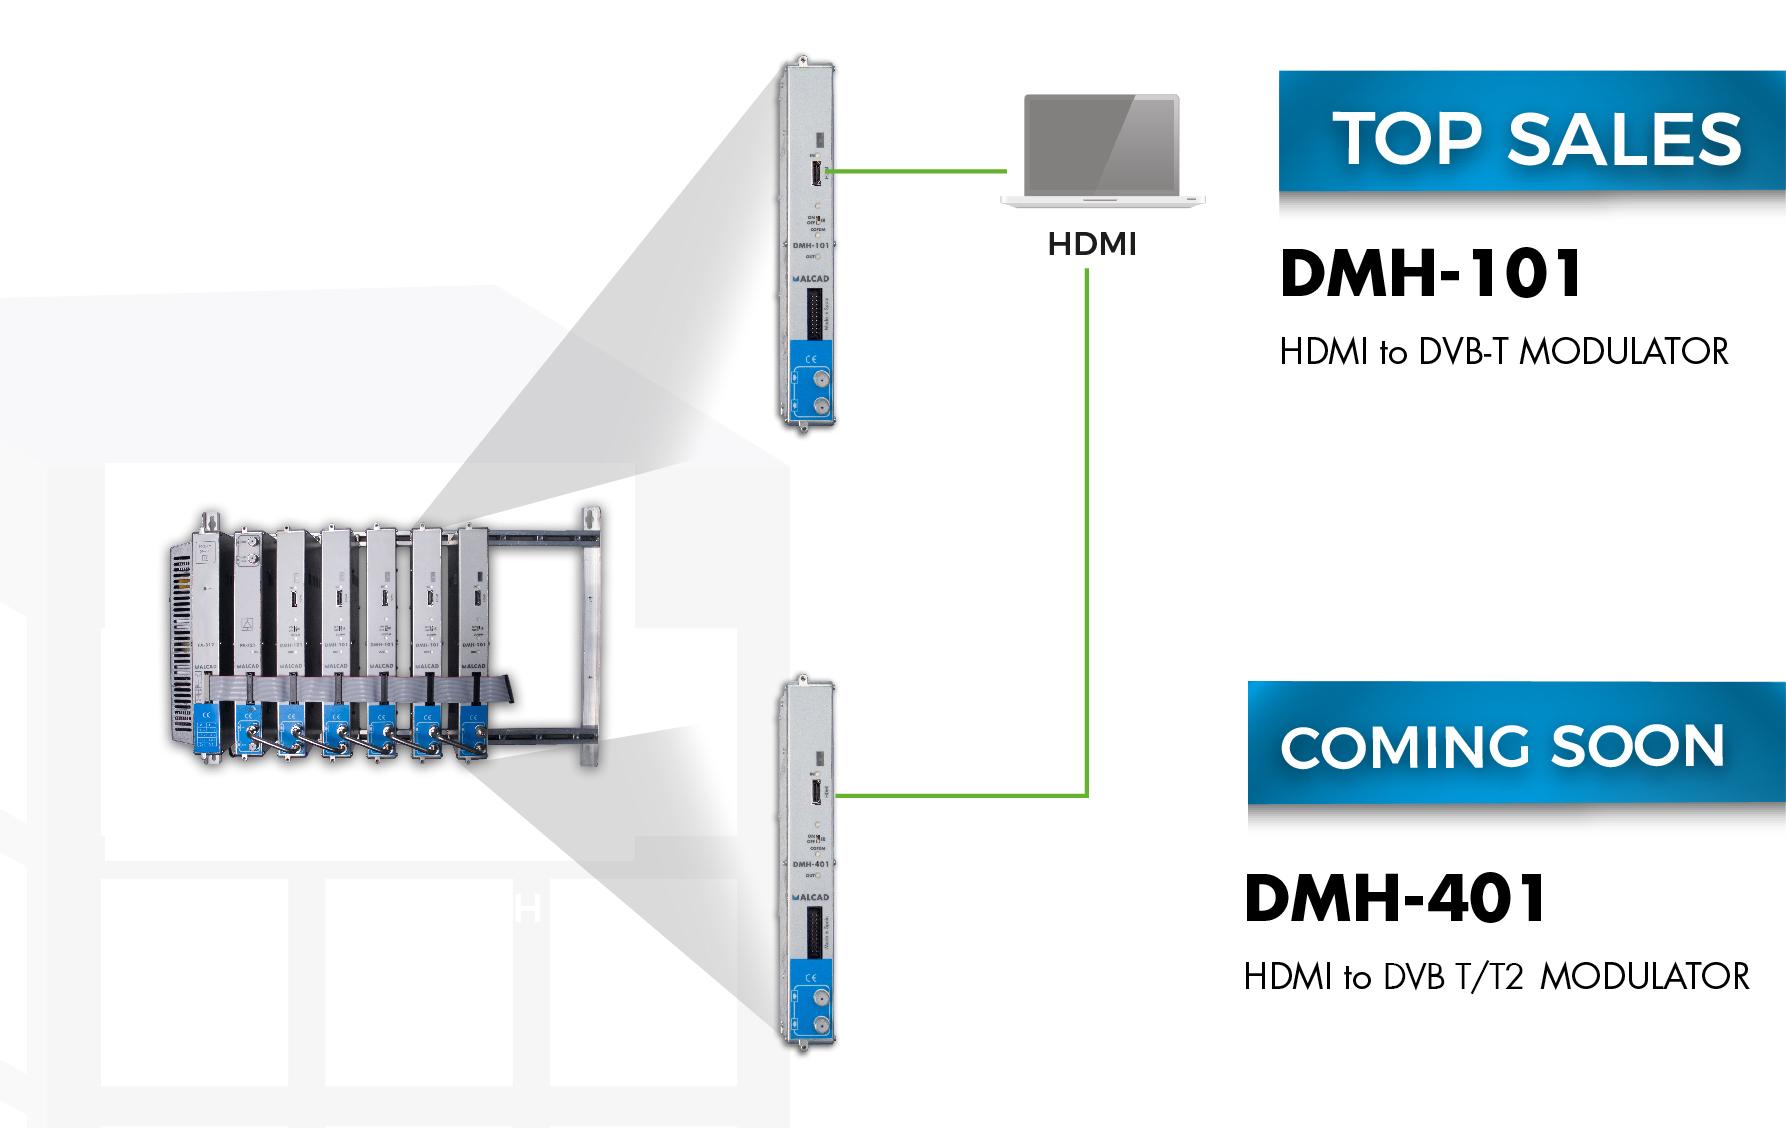 New DMH range